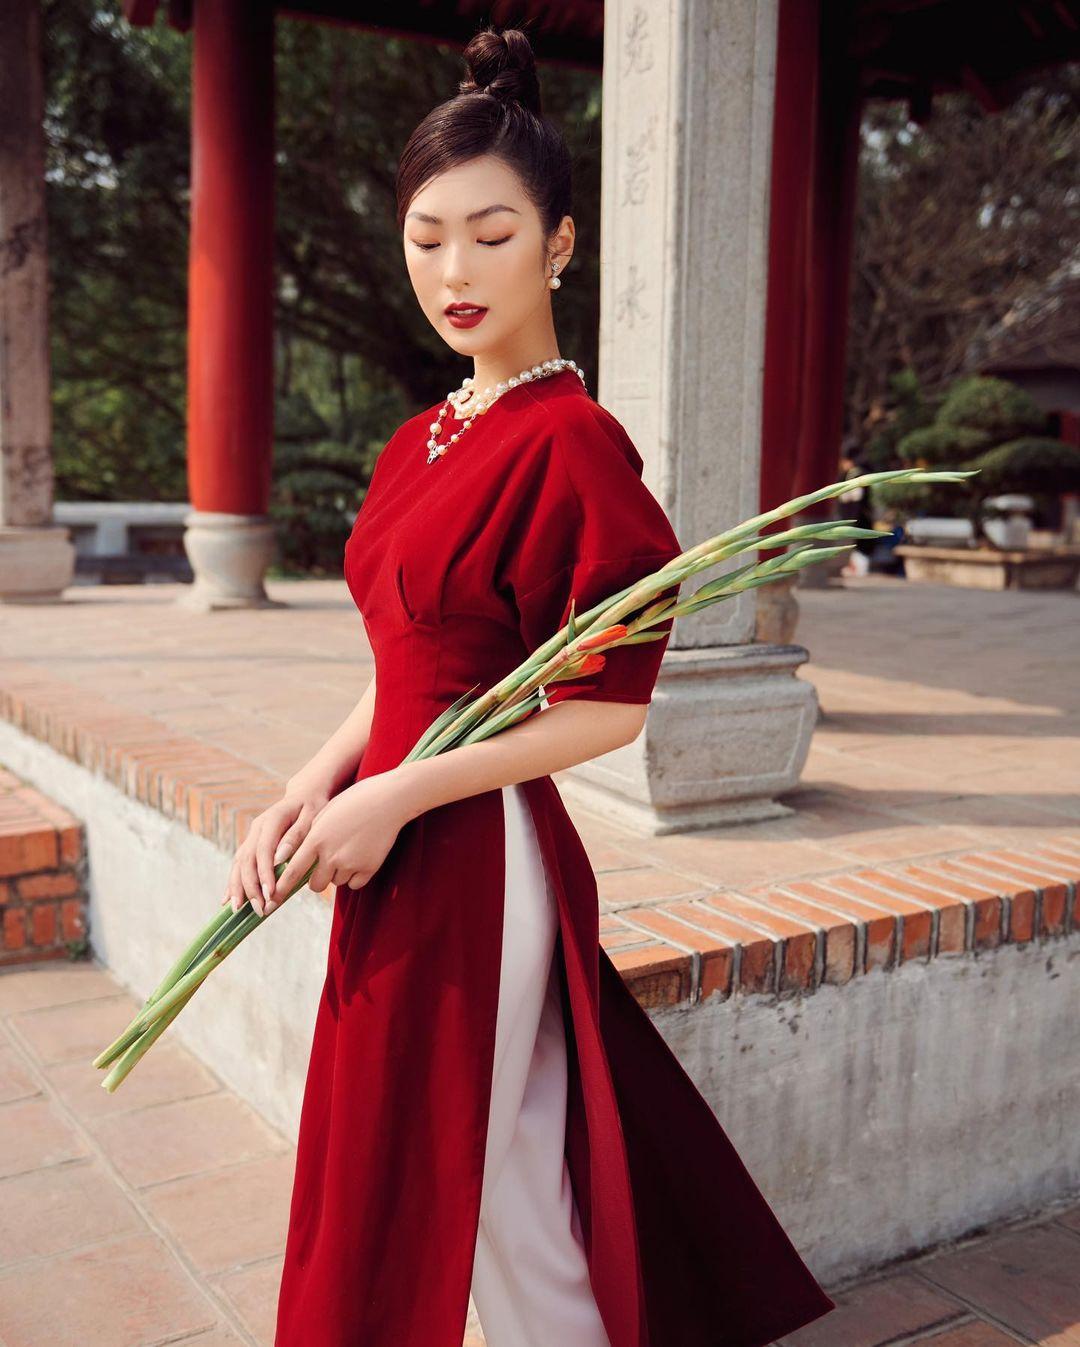 Áo dài đỏ của local brand: Giá từ 650K, chất với dáng đều đẹp lung linh để diện Tết - Ảnh 3.